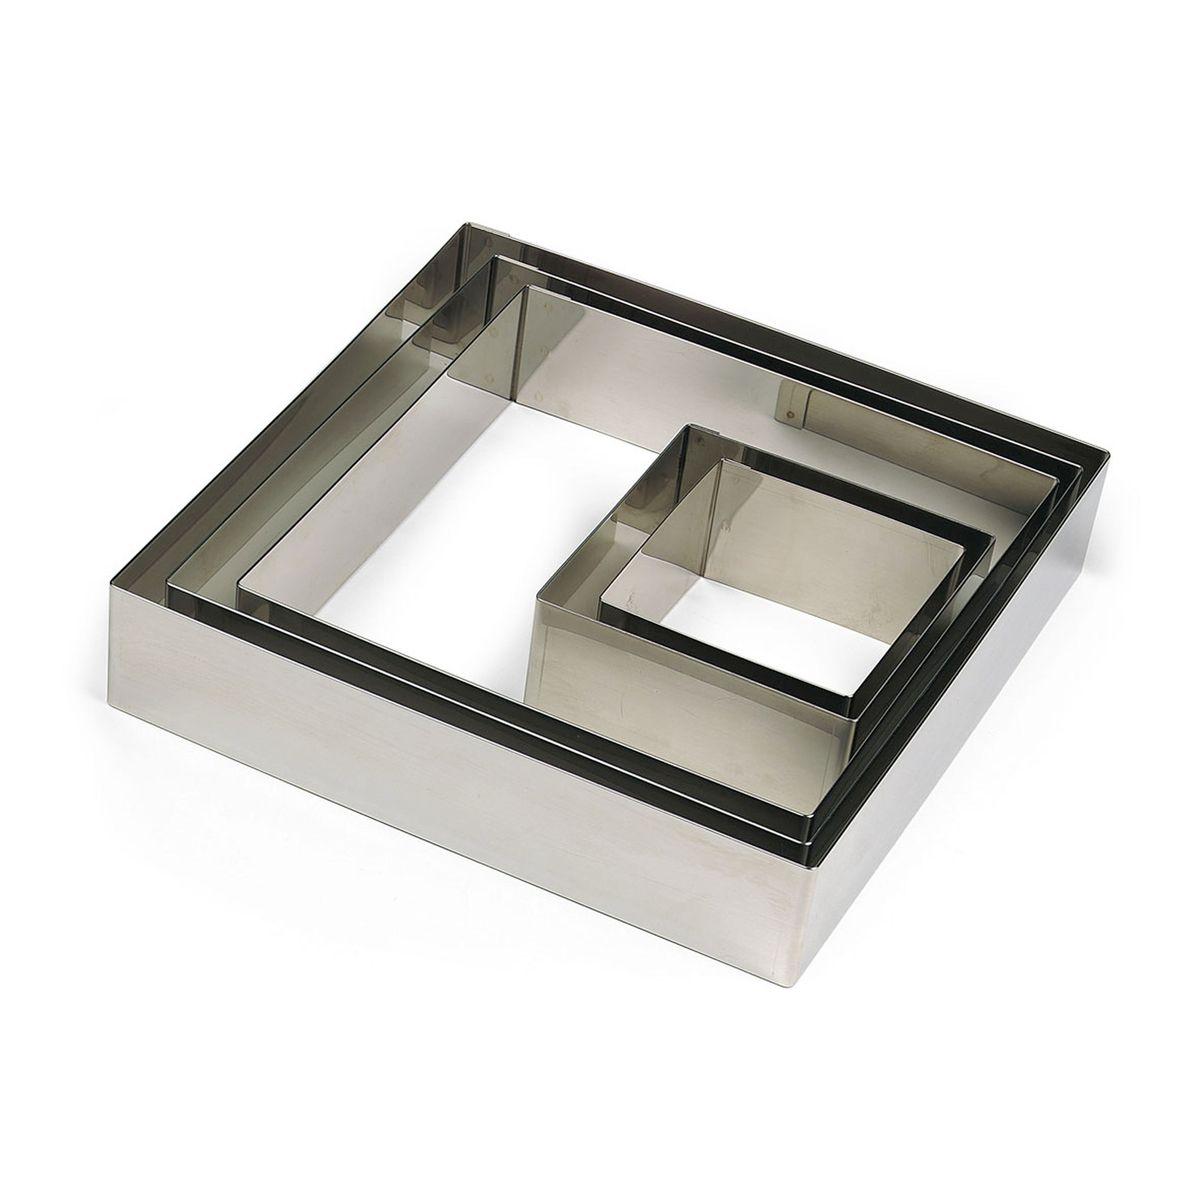 Carré en inox 4.5 x 7 cm - Gobel